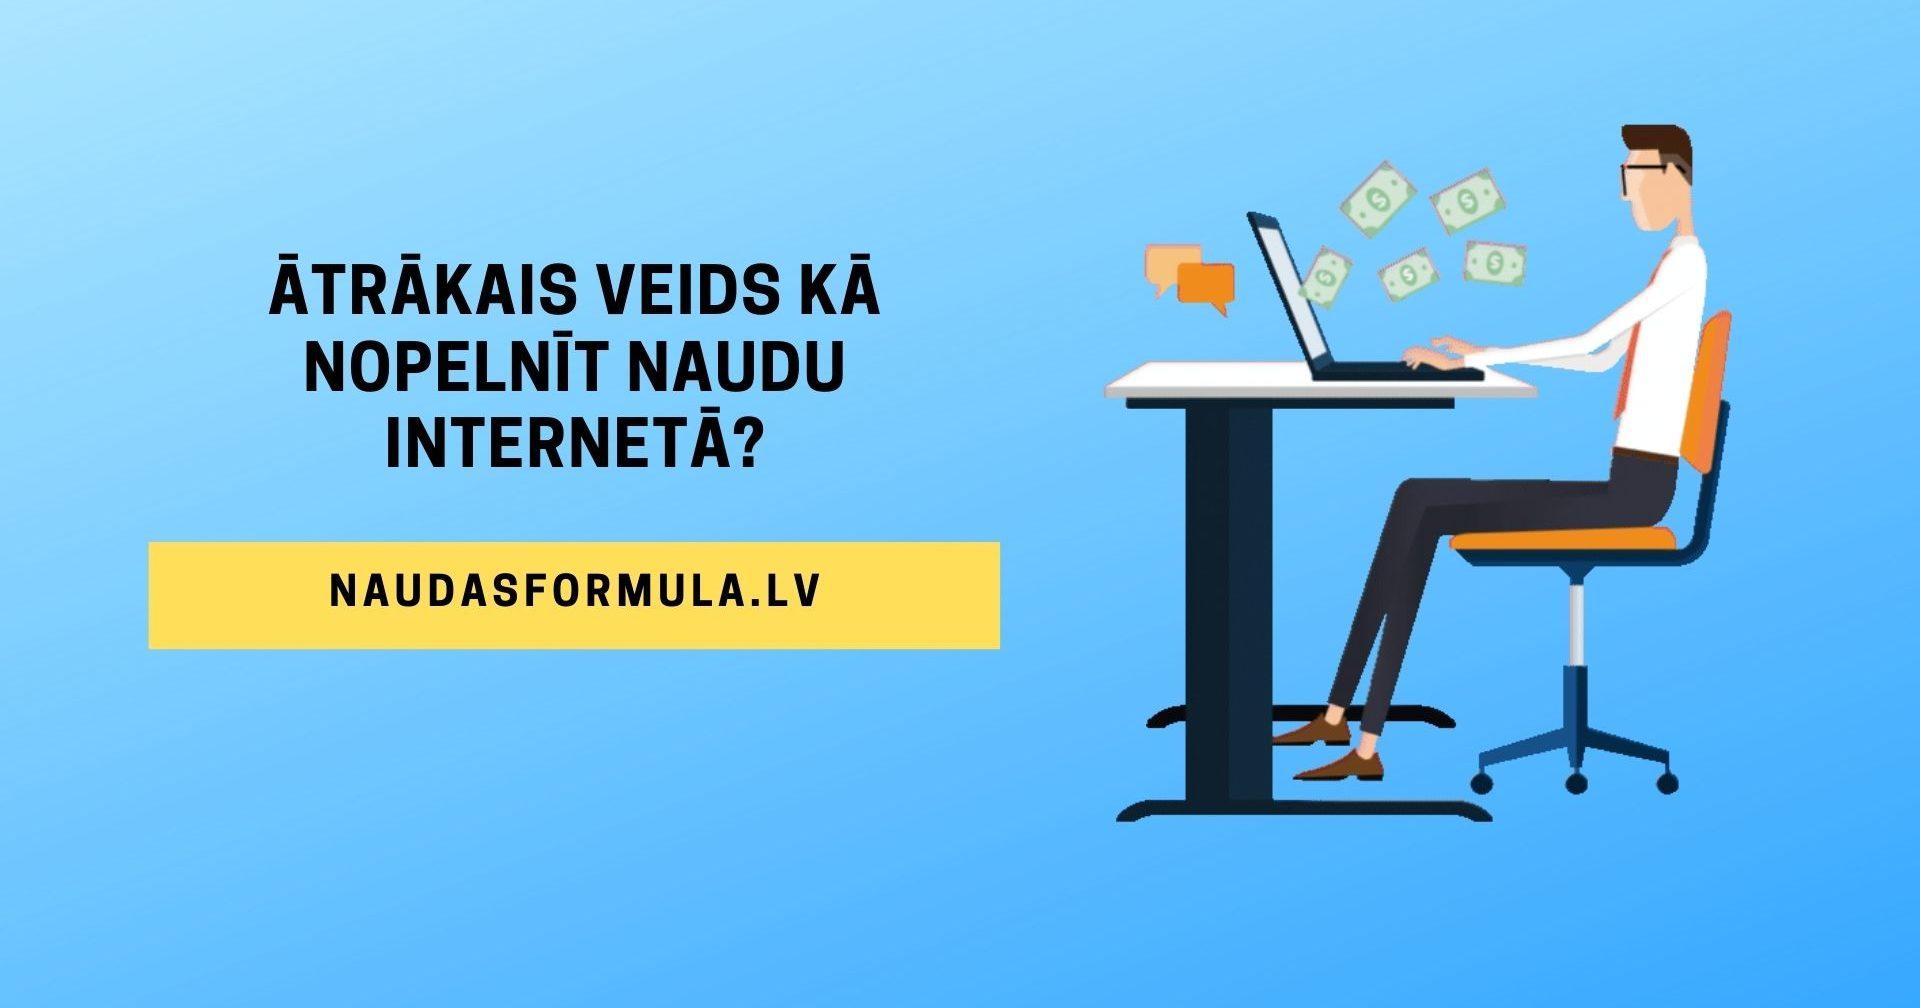 Pelnīt Naudu Tiešsaistē Reālā Ātri, Kā iegūt bagātību 10 dienu laikā mājās